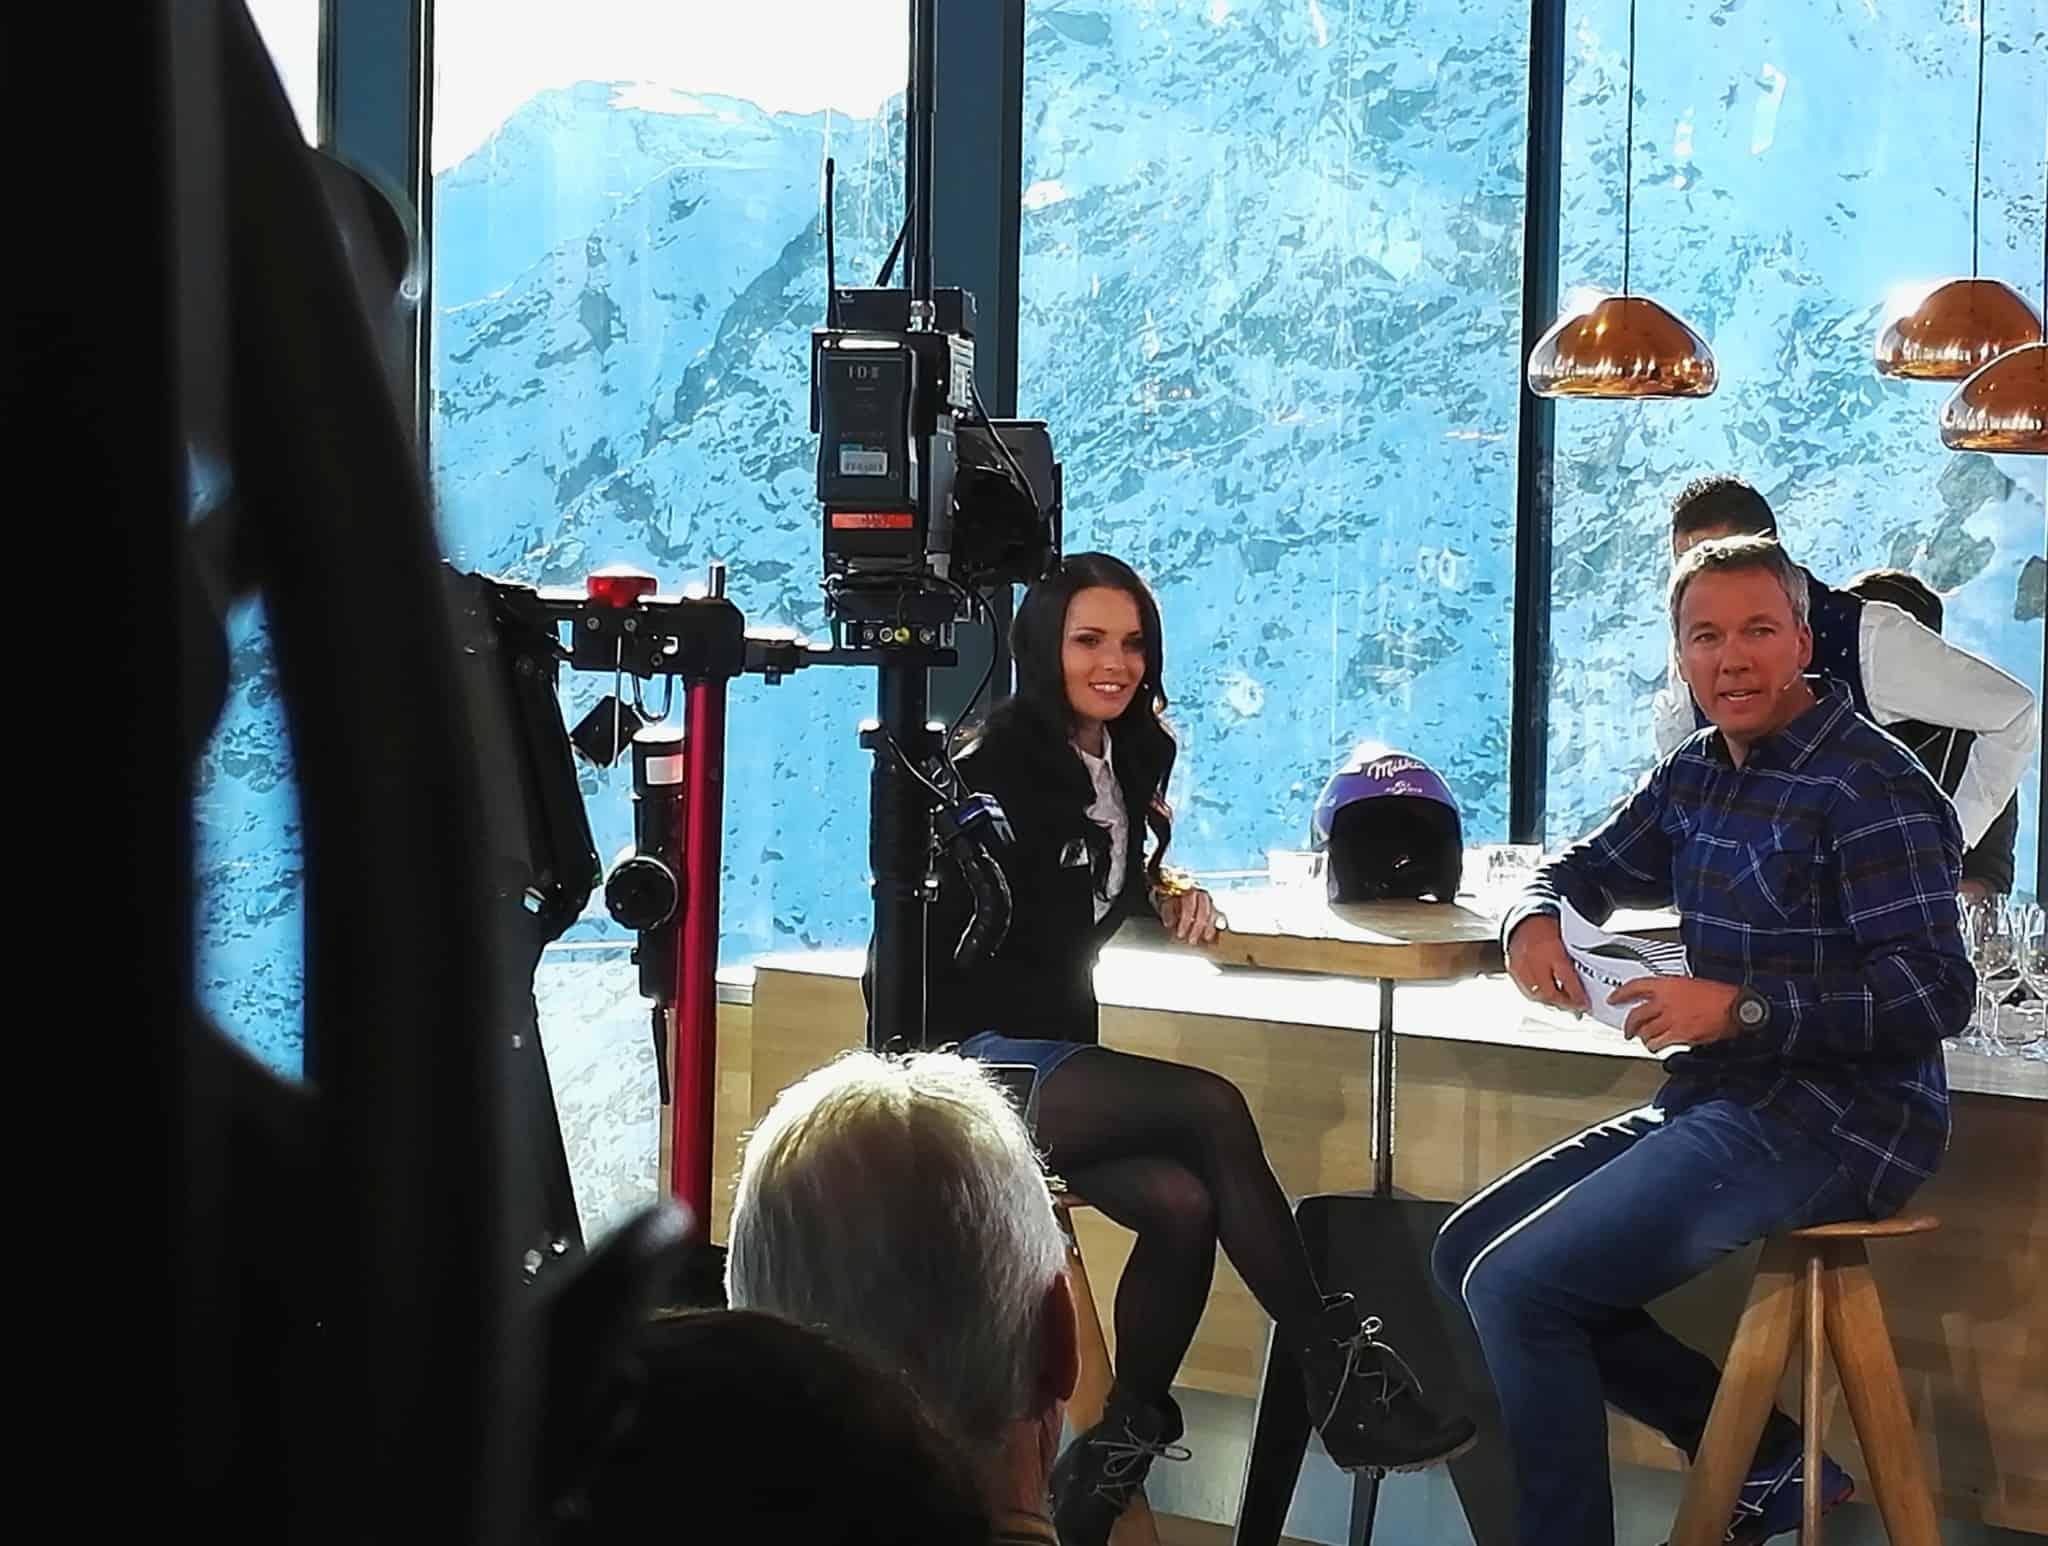 ServusTv Sport und Talk aus dem hangar7 soelden spezial 16 - ServusTV - Sport und Talk aus dem Hangar 7 - Sölden Spezial